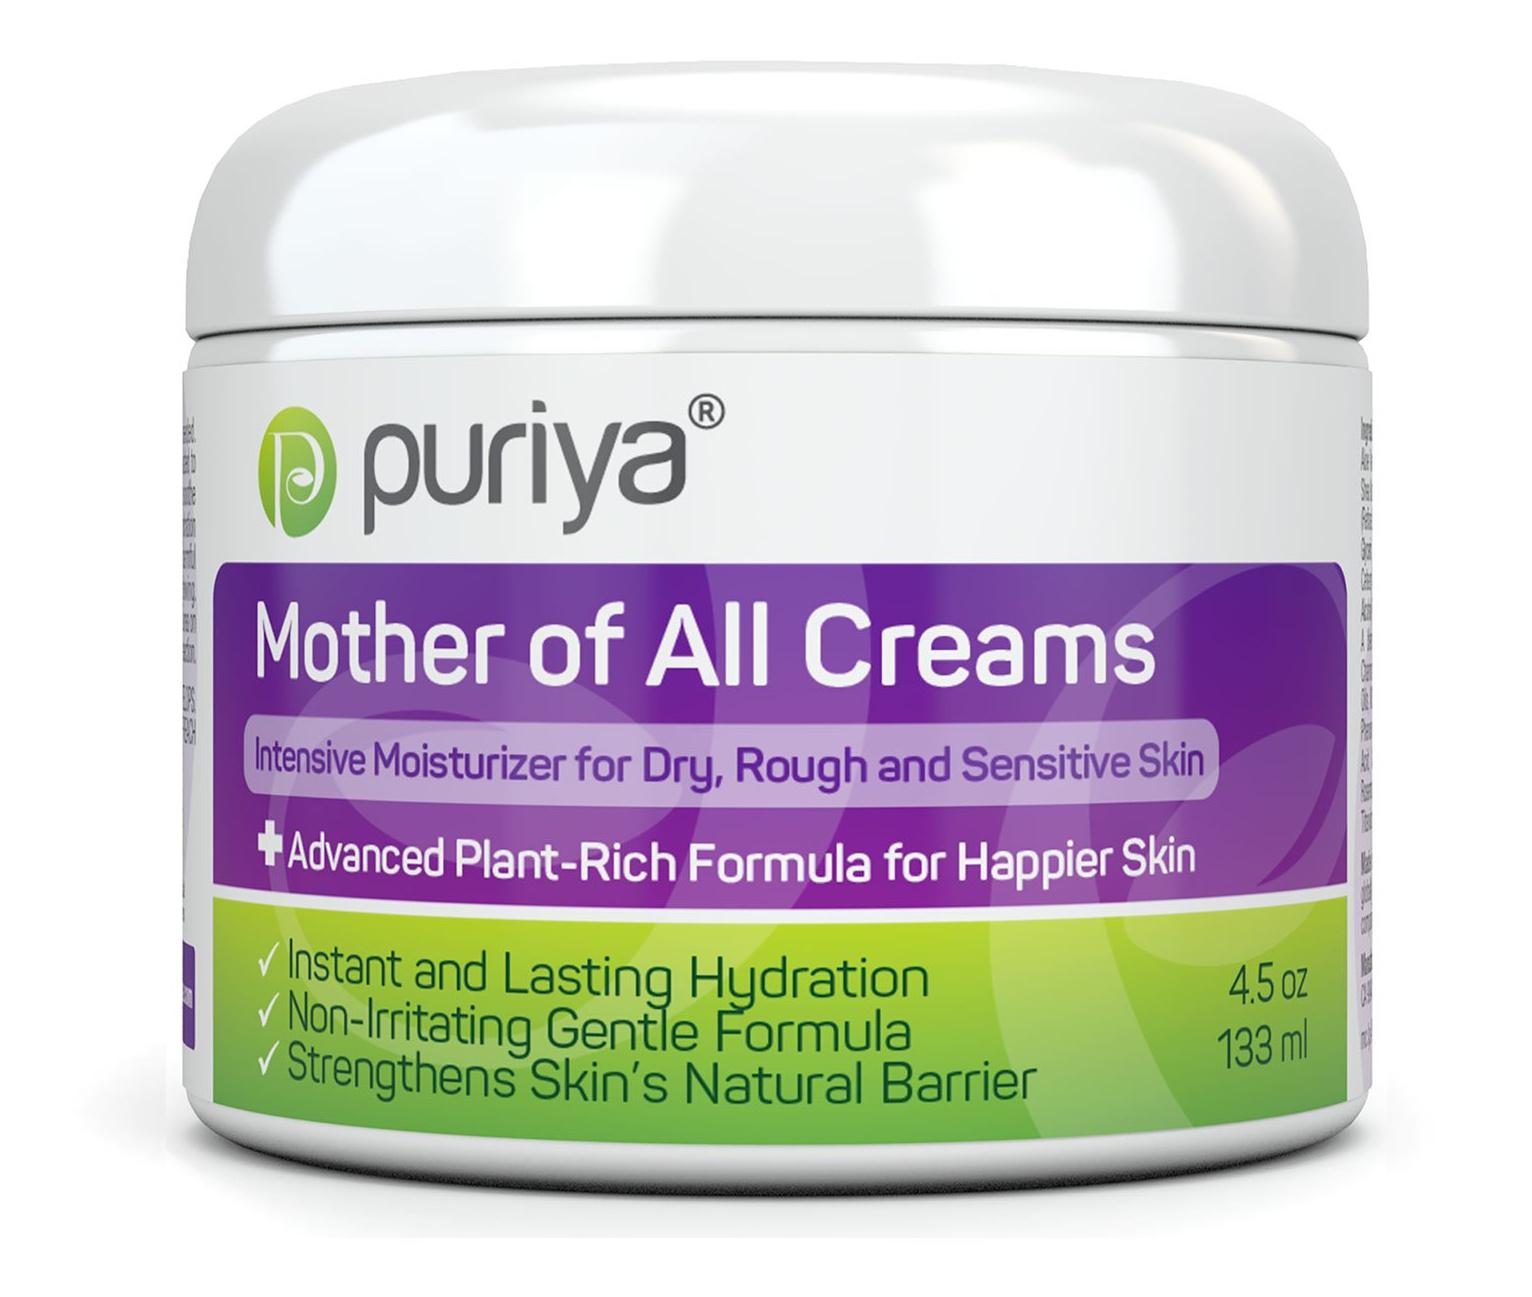 Puriya Mother Of All Creams